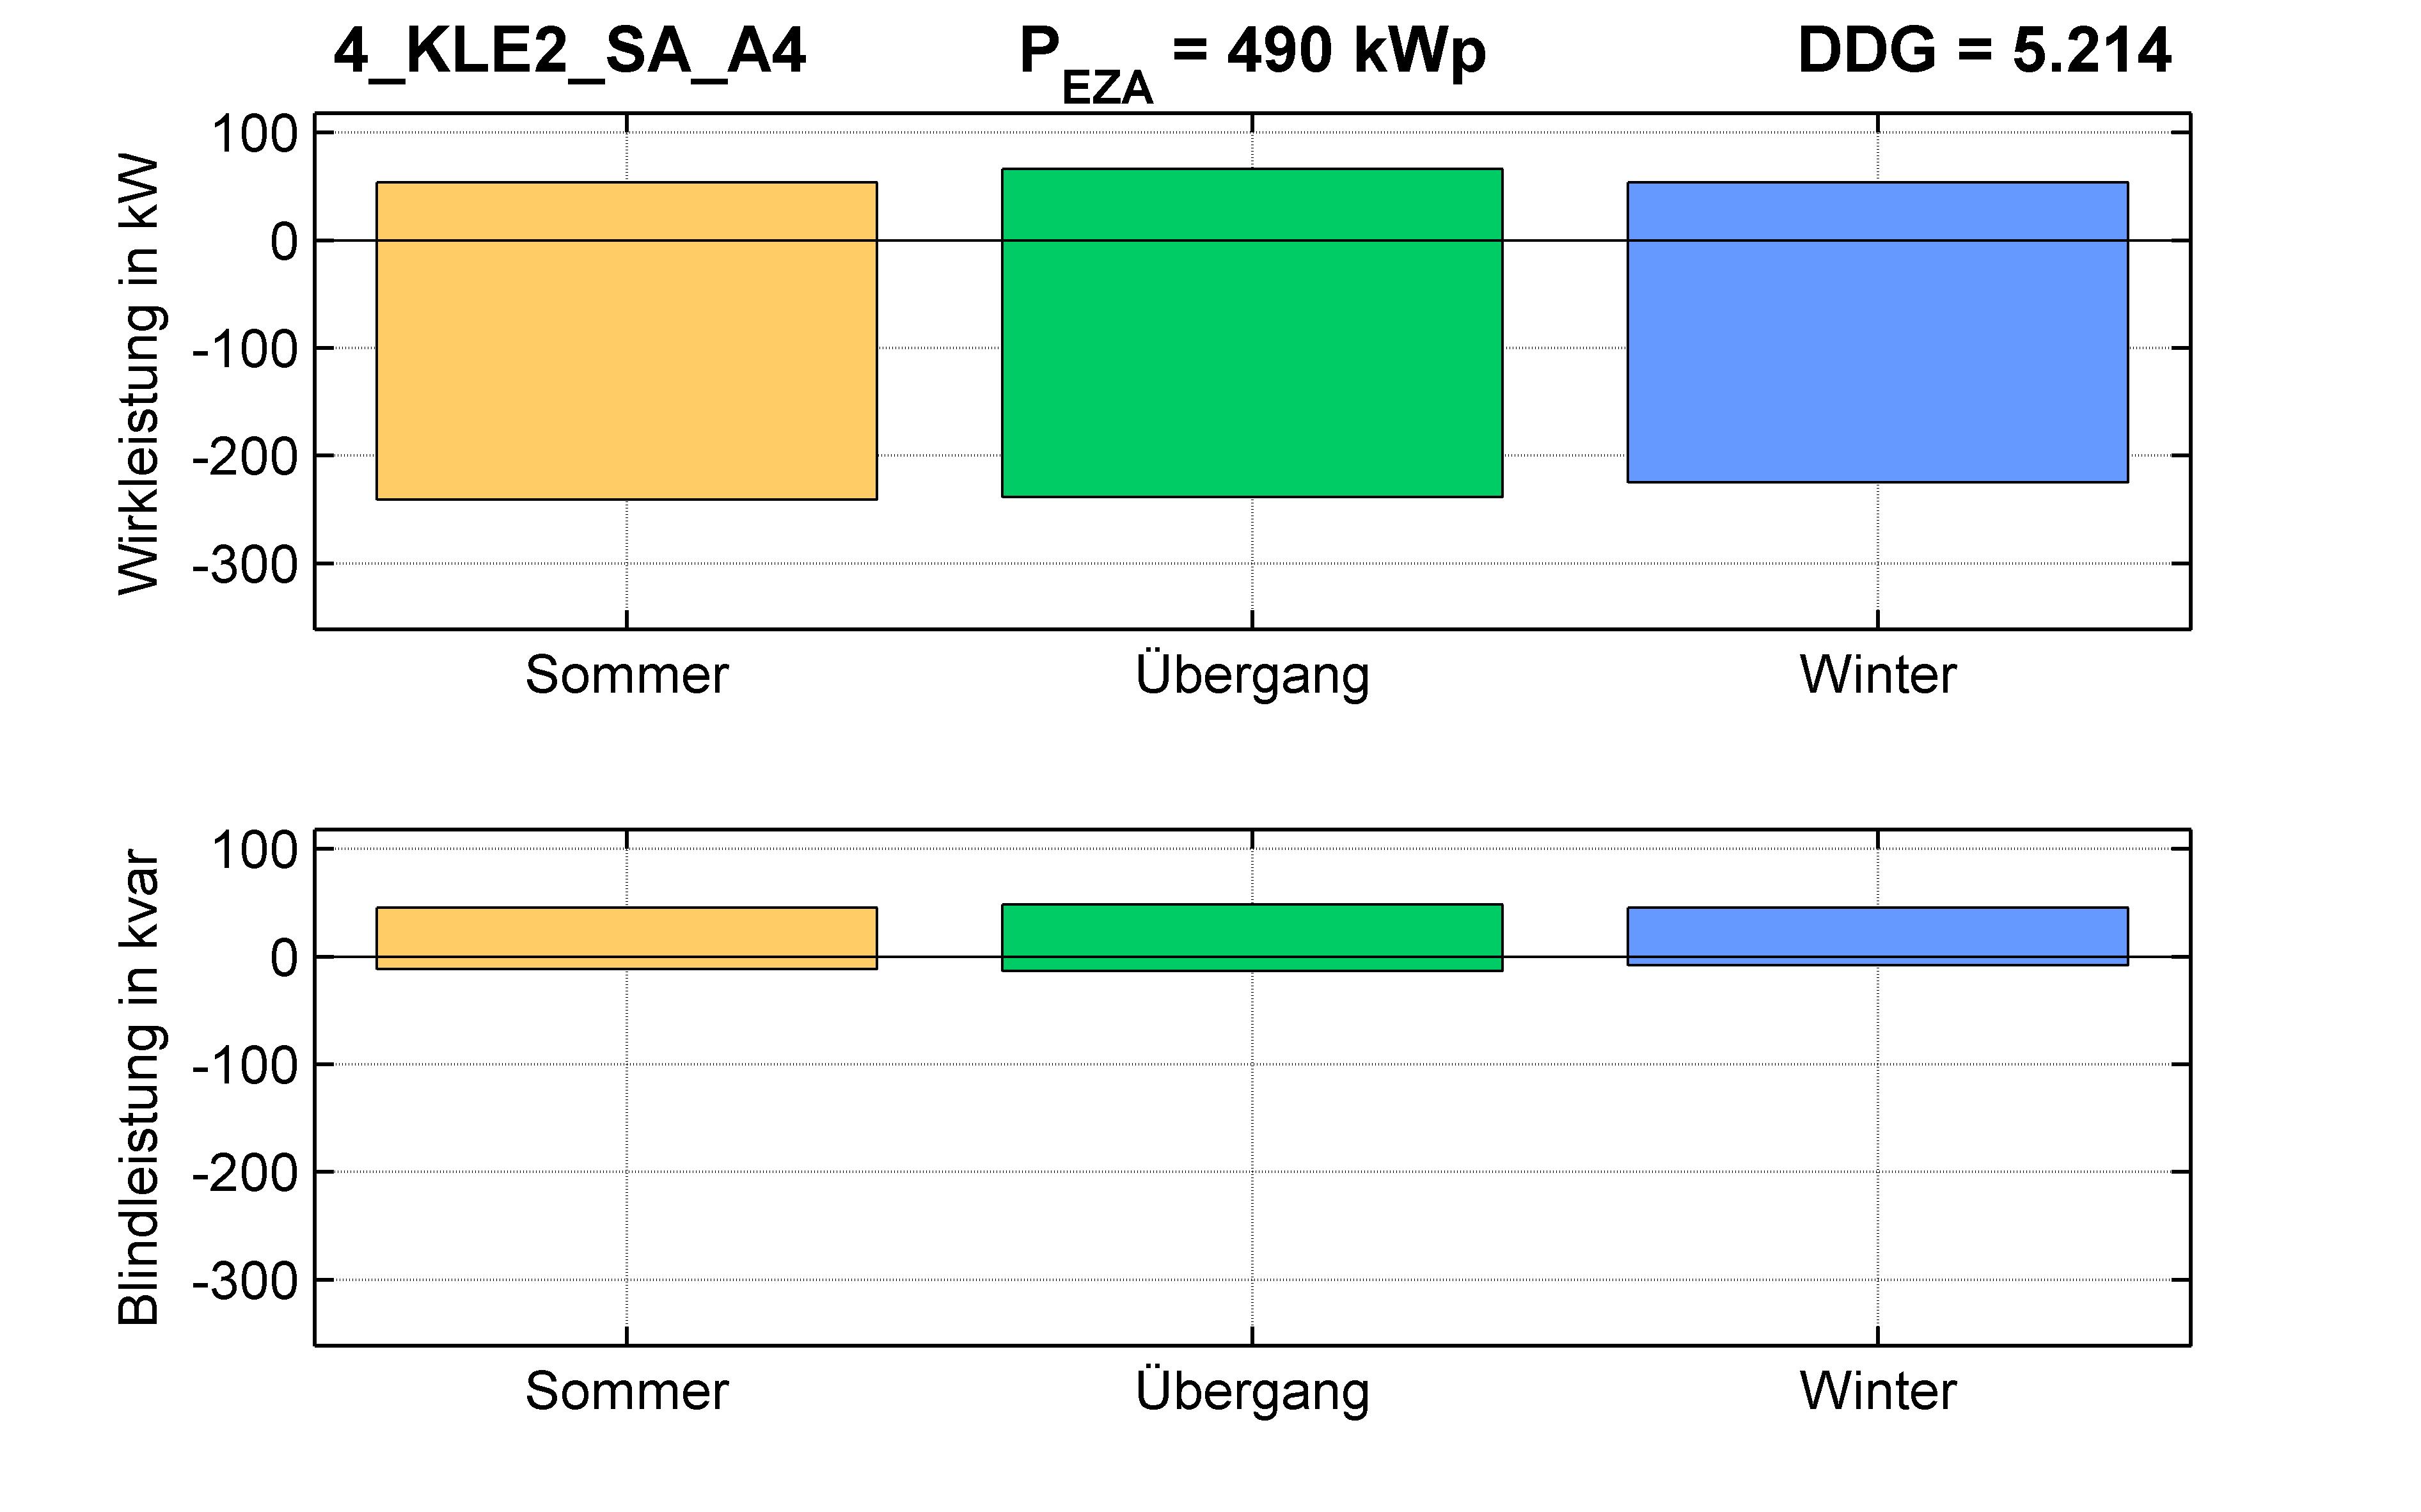 KLE2 | P-Kappung 55% (SA) A4 | PQ-Bilanz